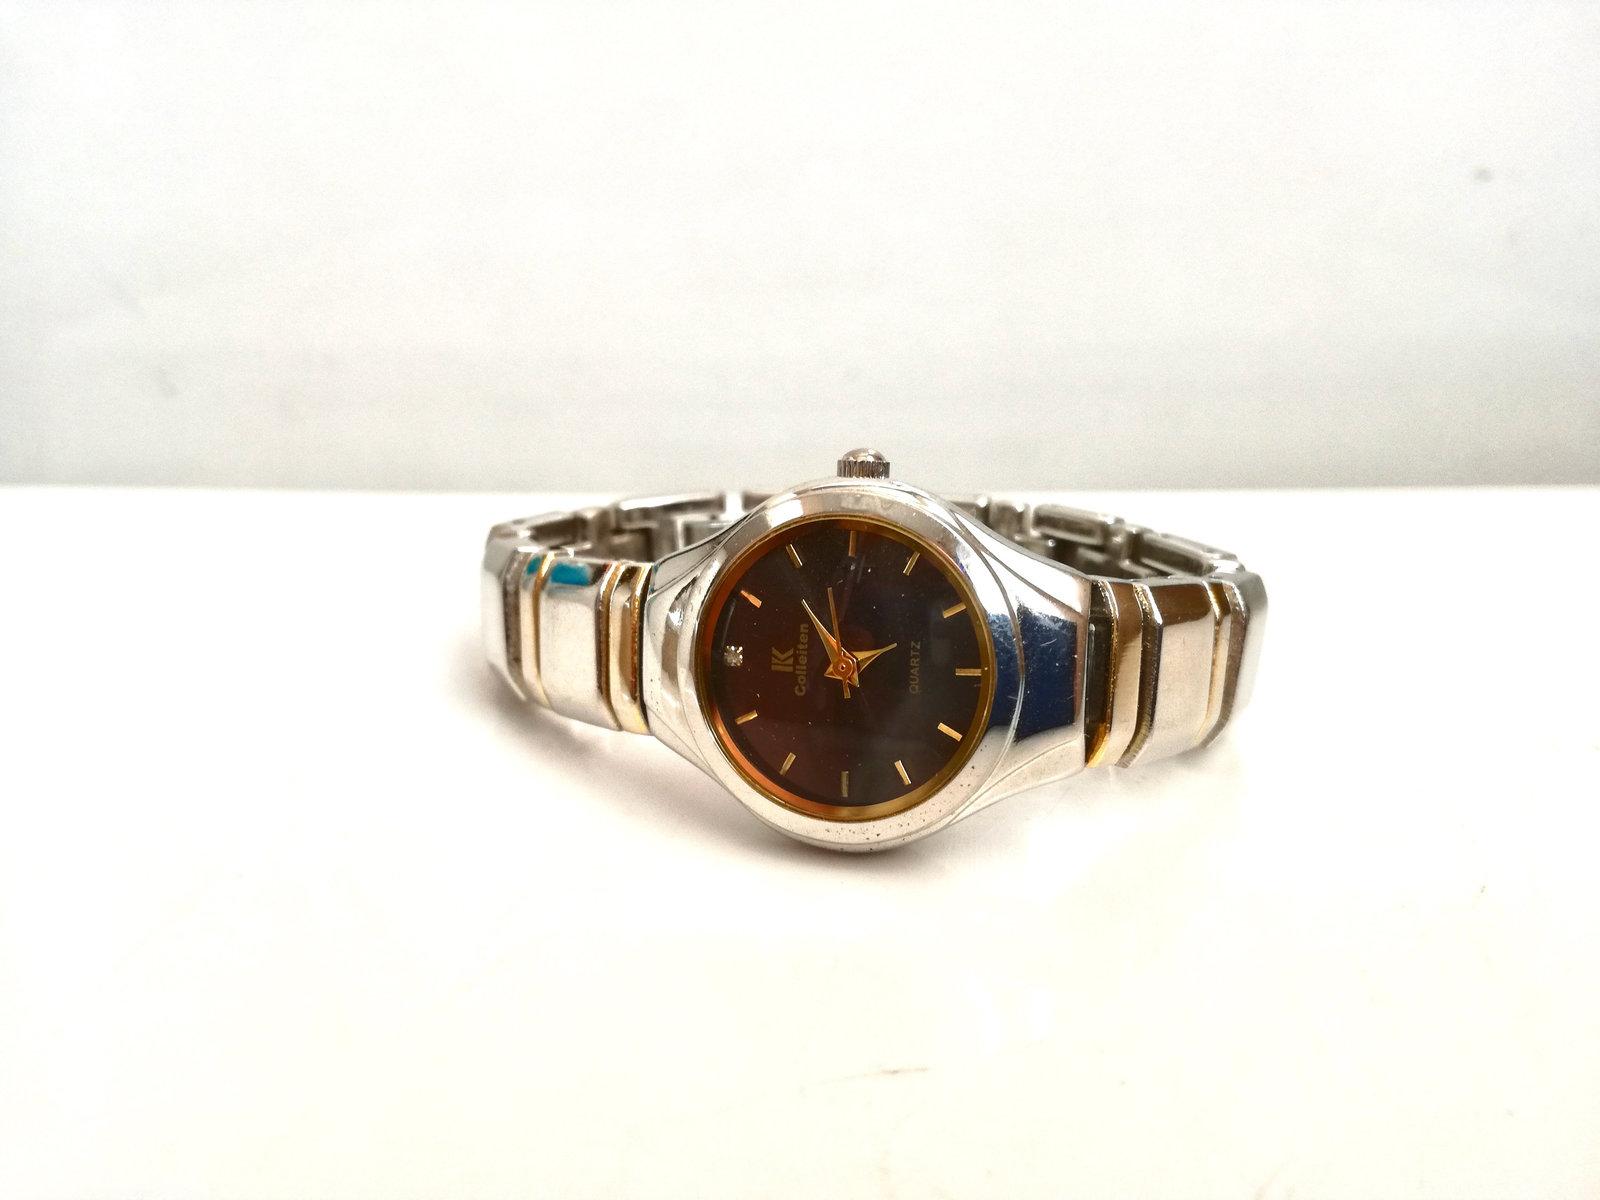 vintage watch / classic  ladies Watch / watch / Vintage watch / quartz watch / d